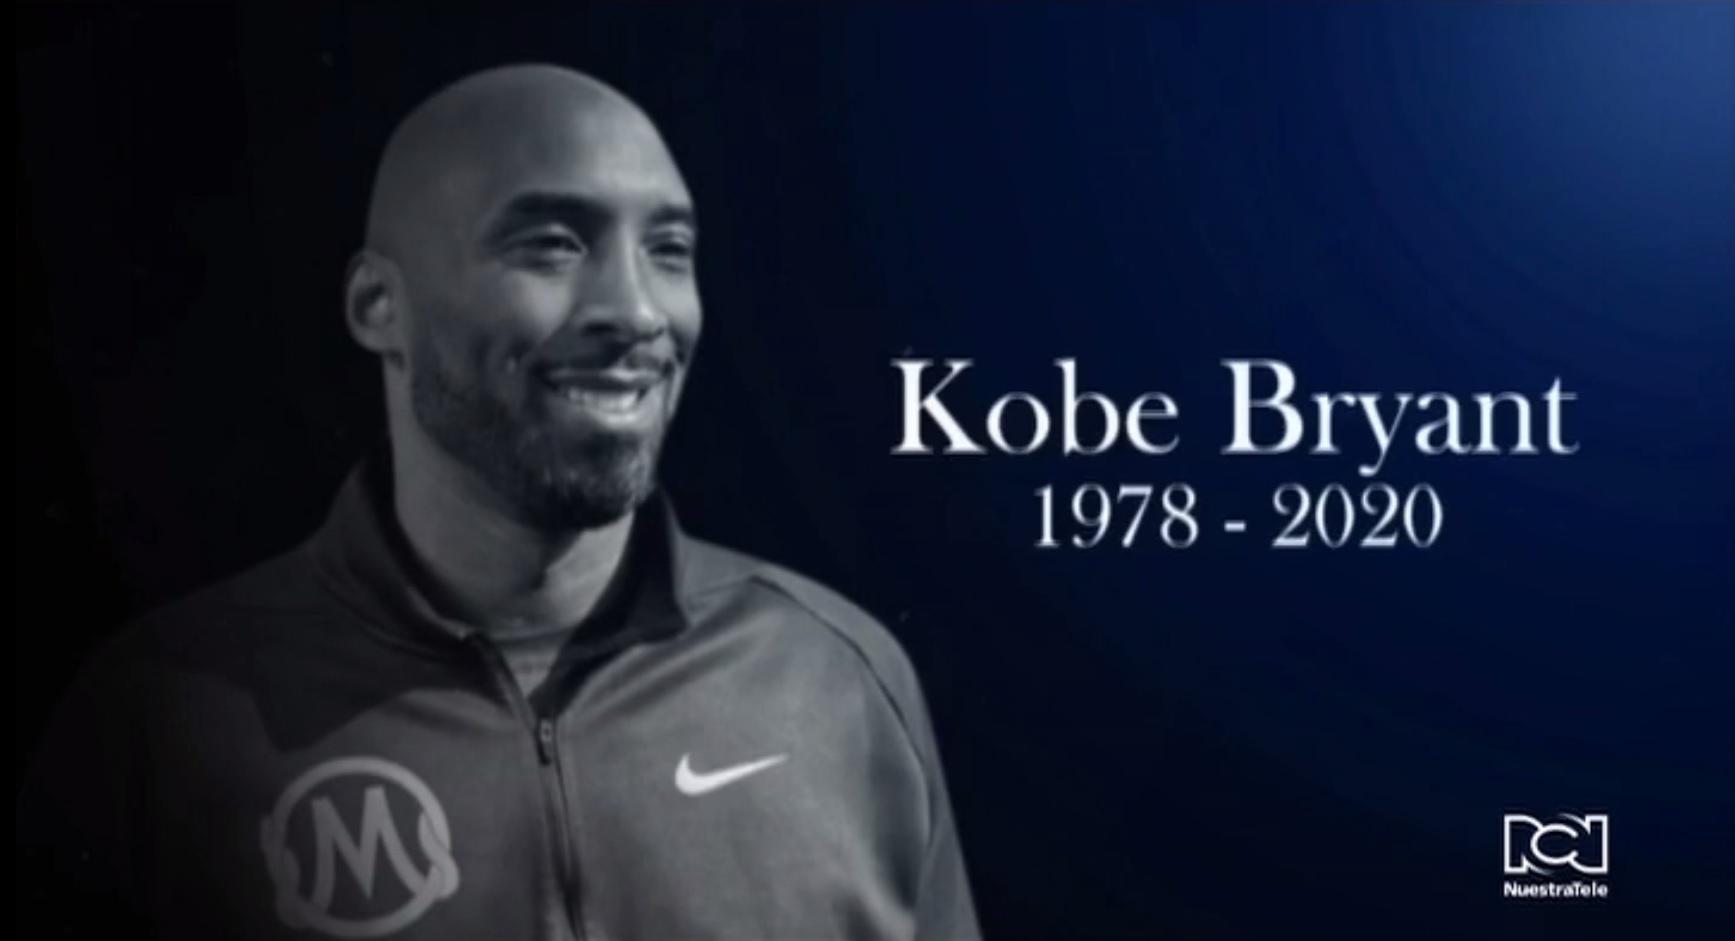 Se conocen detalles de la investigación del trágico accidente aéreo en el que murió Kobe Bryant